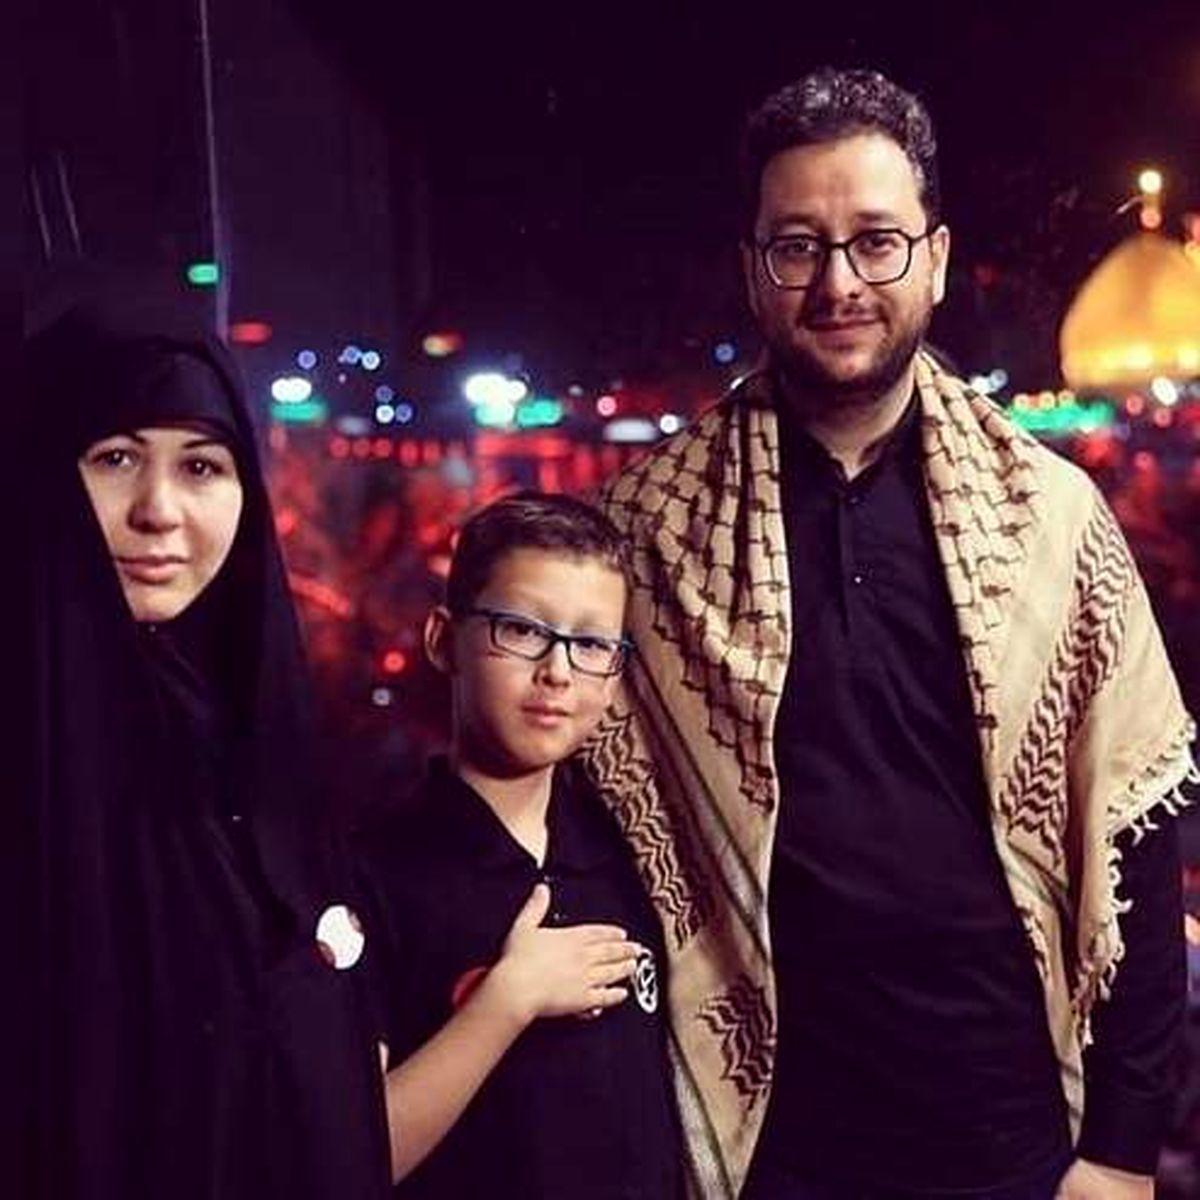 عکسی متفاوت از همسر و پسر سید بشیر حسینی